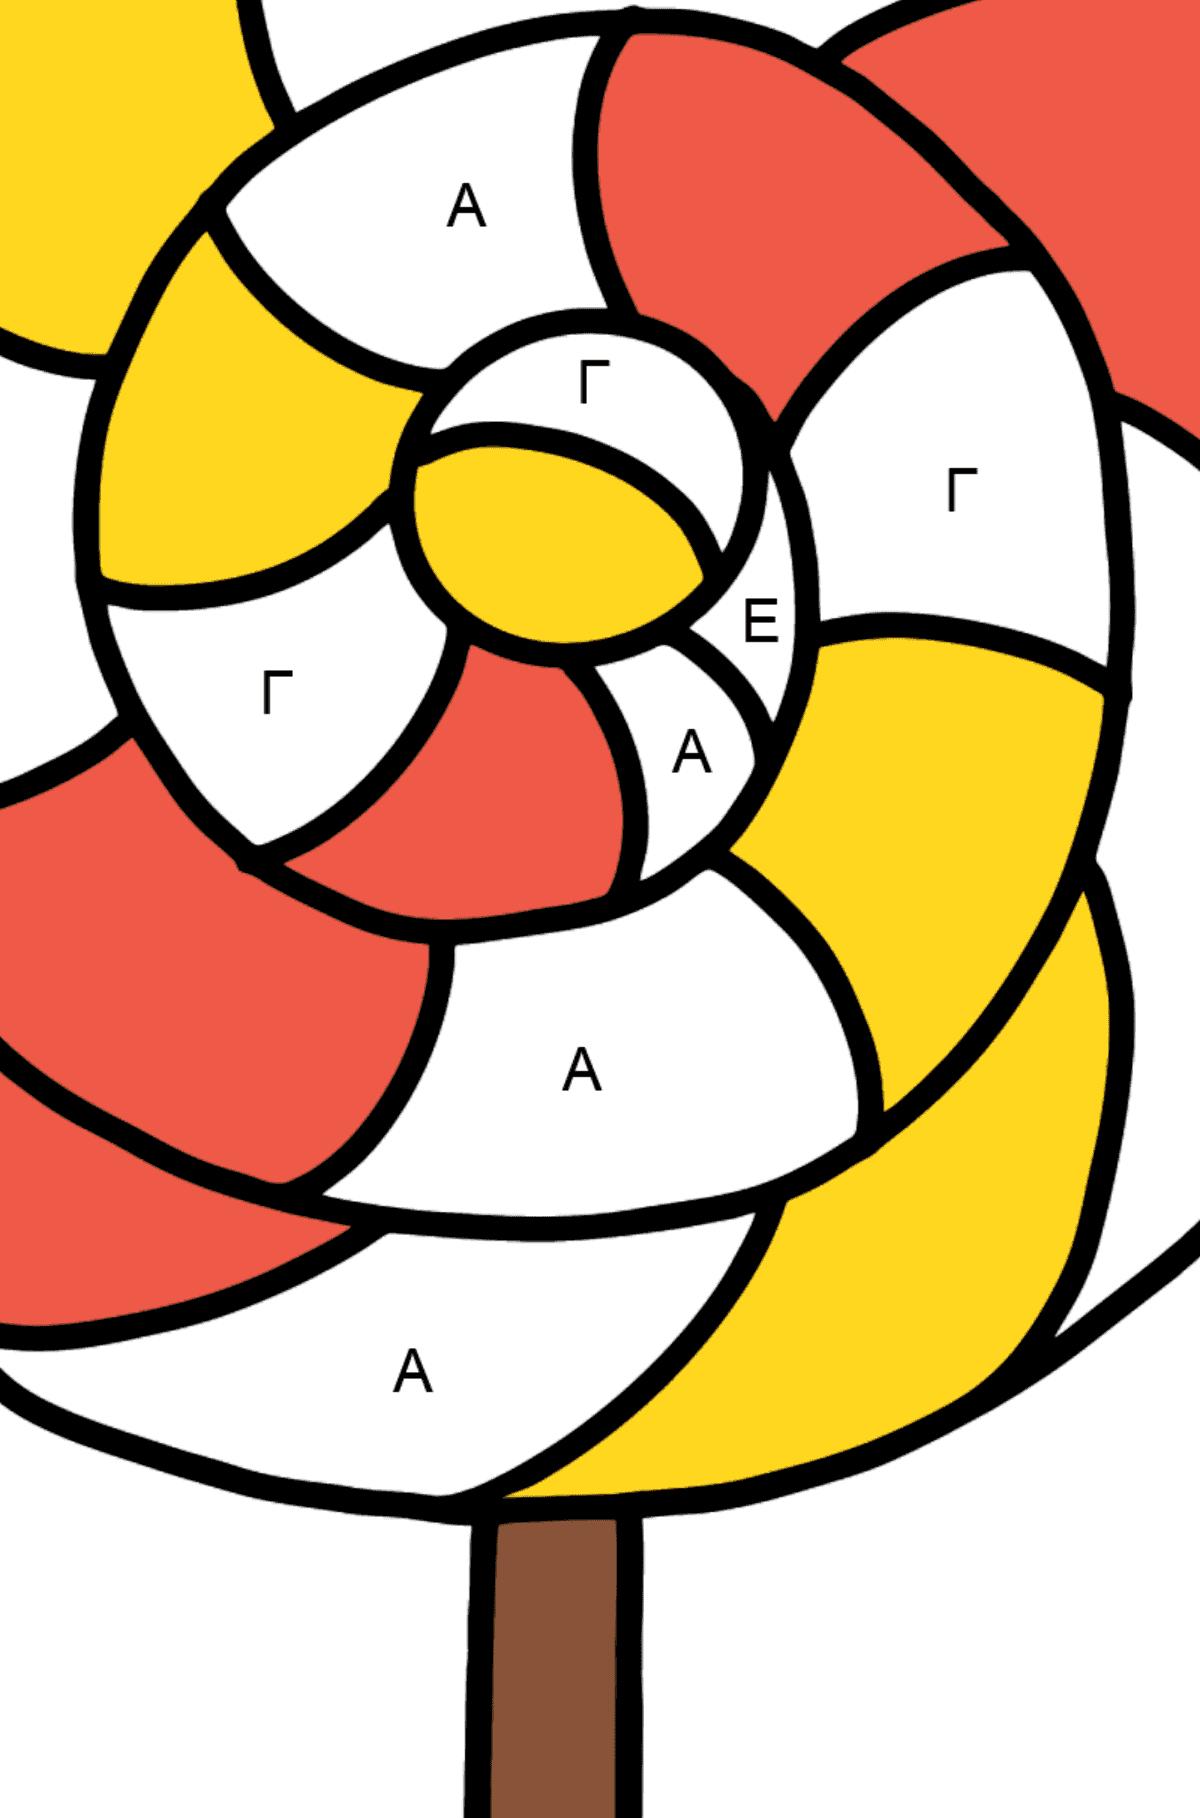 Раскраска разноцветный лоллипоп - Раскраска по Буквам для Детей